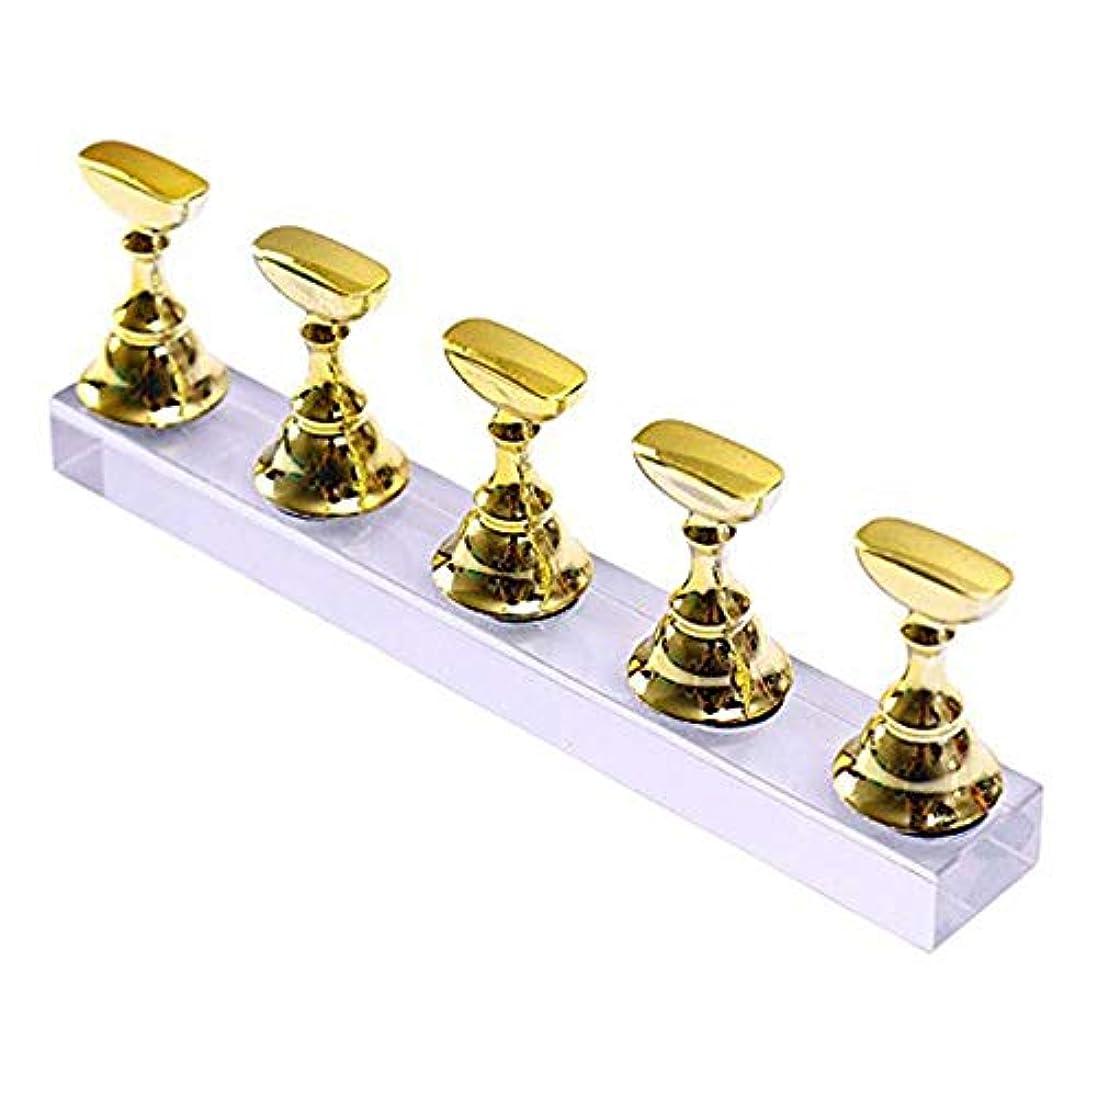 みぞれアクセシブル準備したネイルチップディスプレイスタンドセット 磁気 ネイル練習ハンドネイルエクササイズペデスタル ネイル用品 ゴールド 5本セット